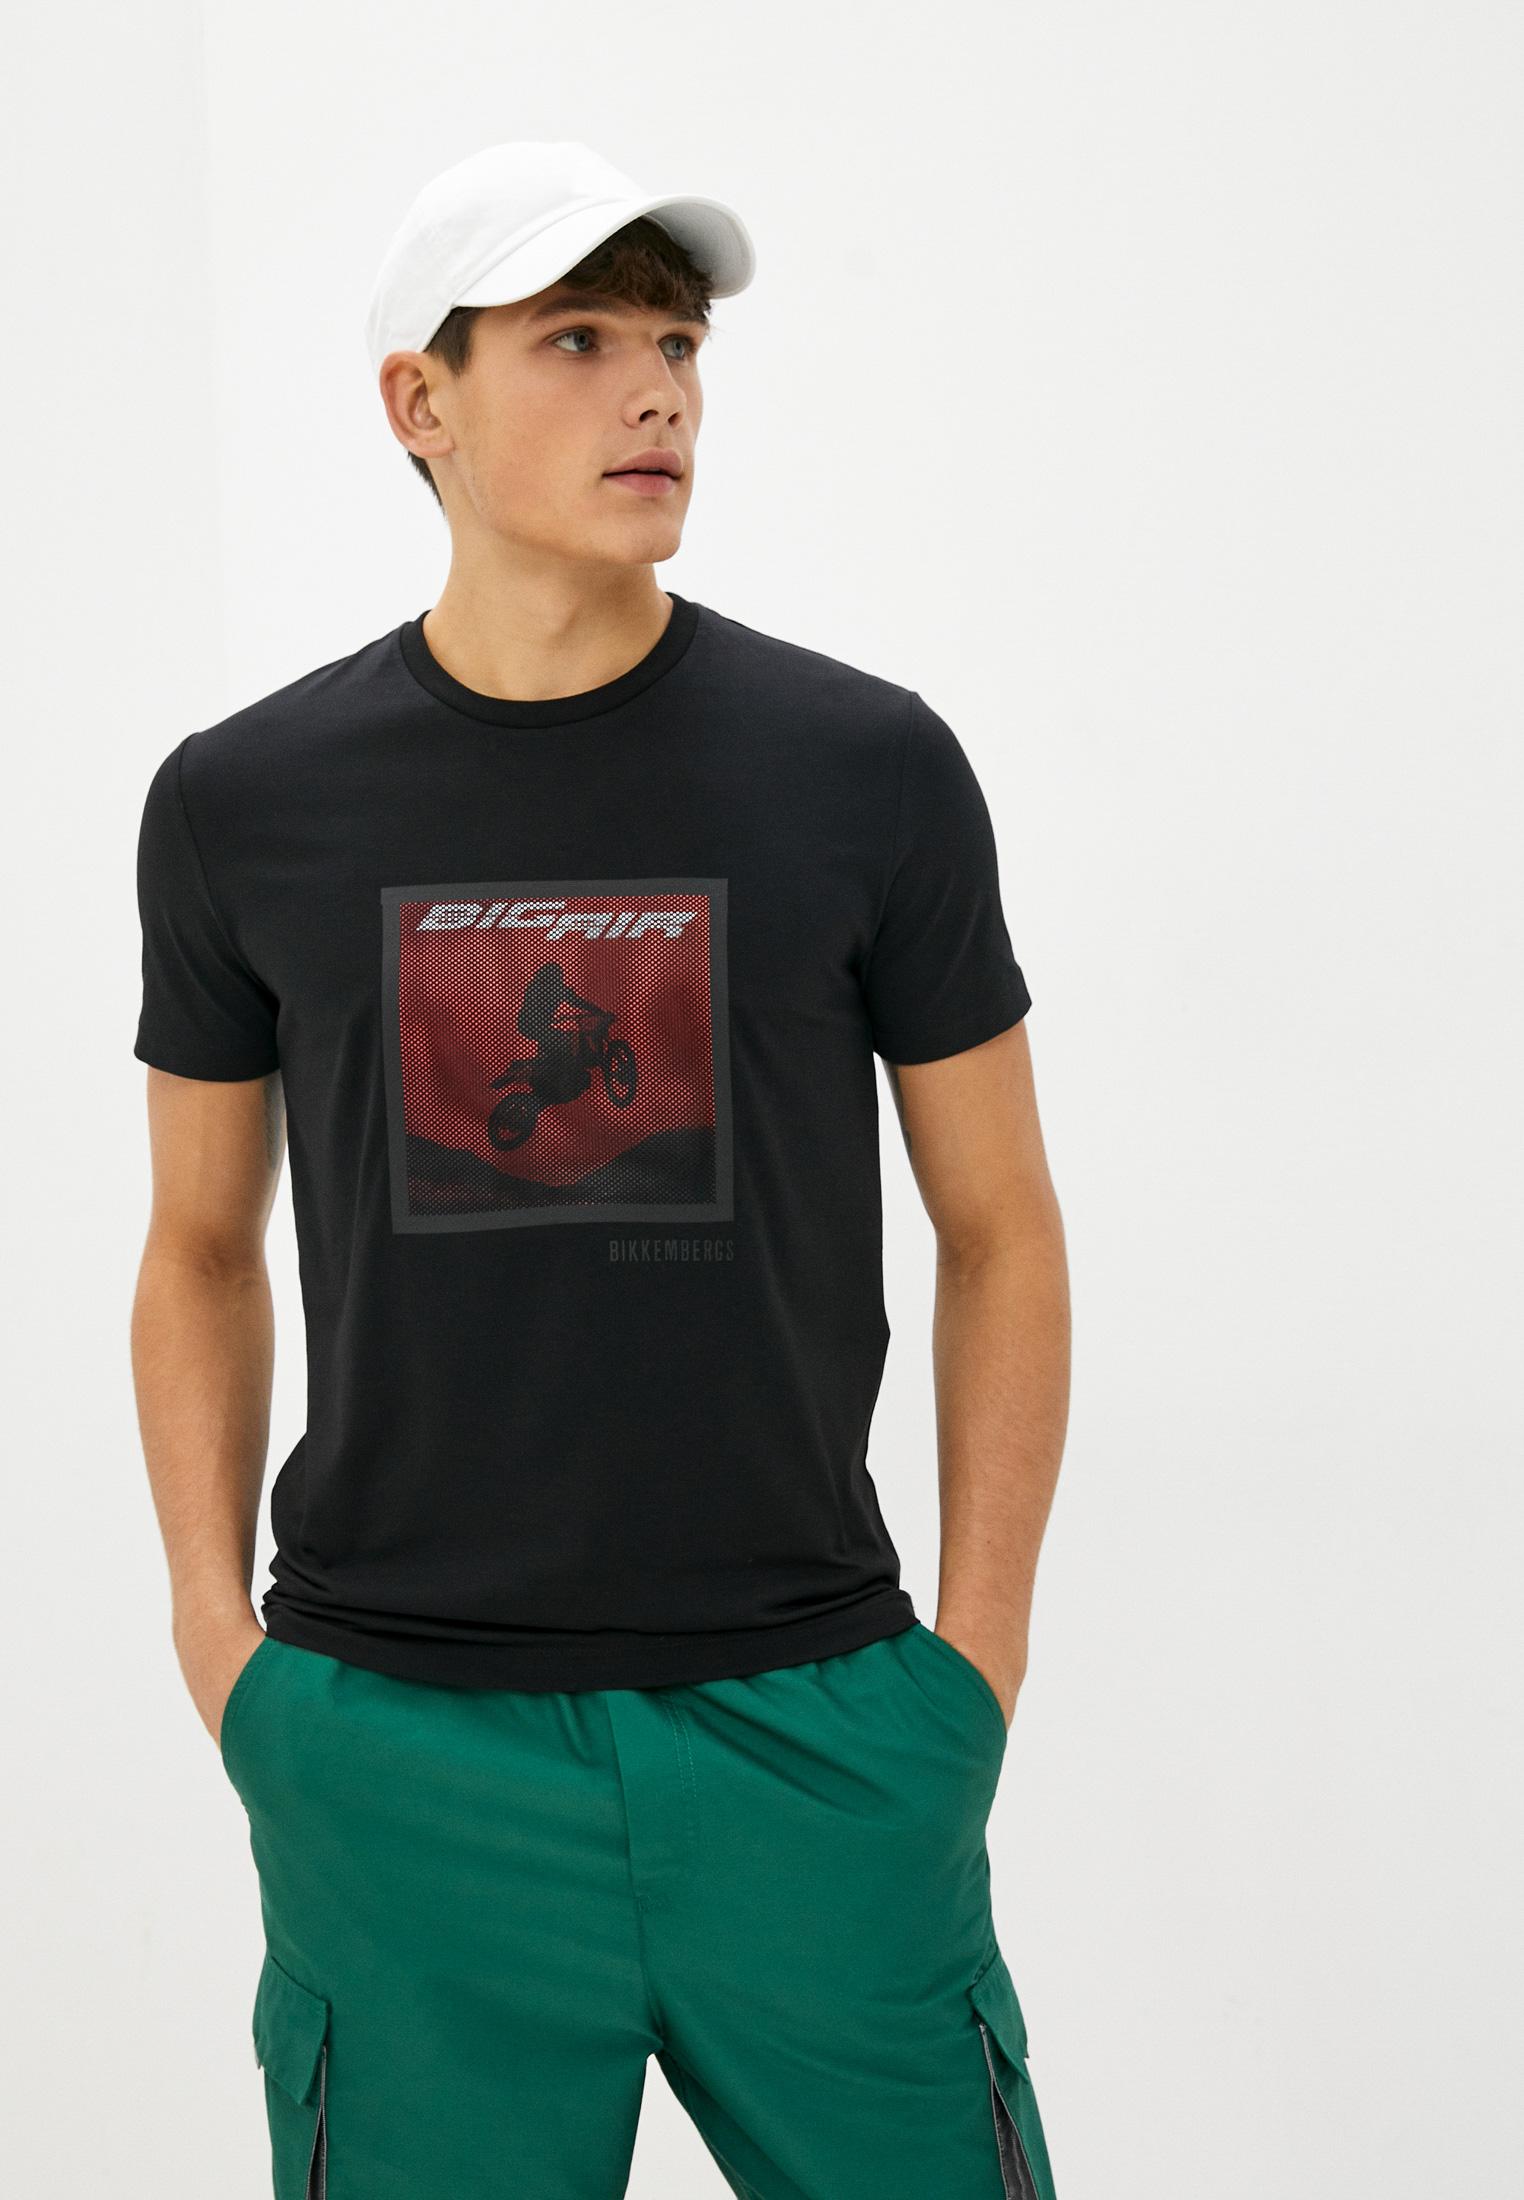 Мужская футболка Bikkembergs (Биккембергс) C 7 001 2F E 1951